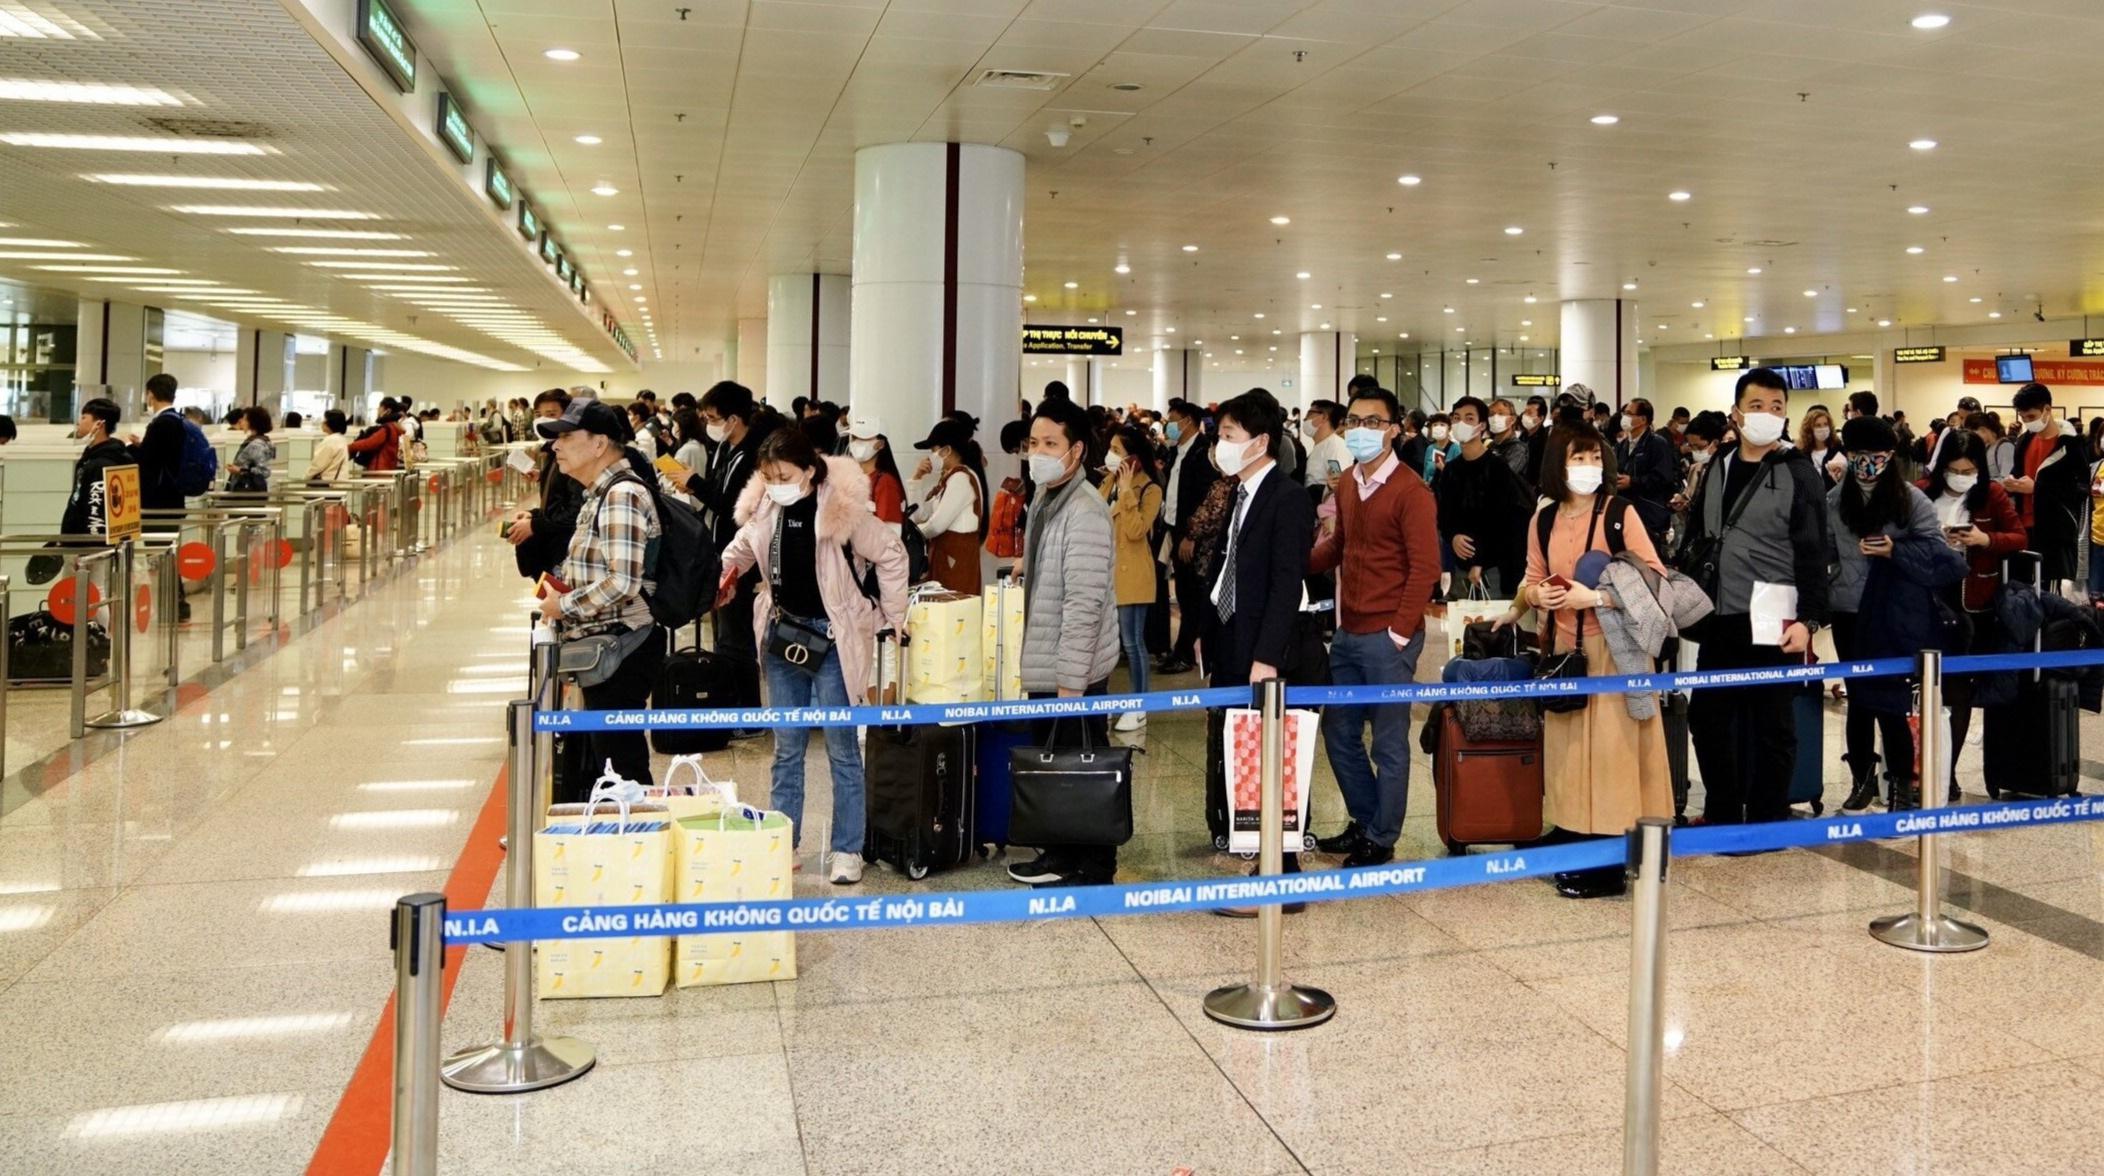 Gần 7.000 người nhập cảnh vào Việt Nam từ vùng dịch virus Vũ Hán 2